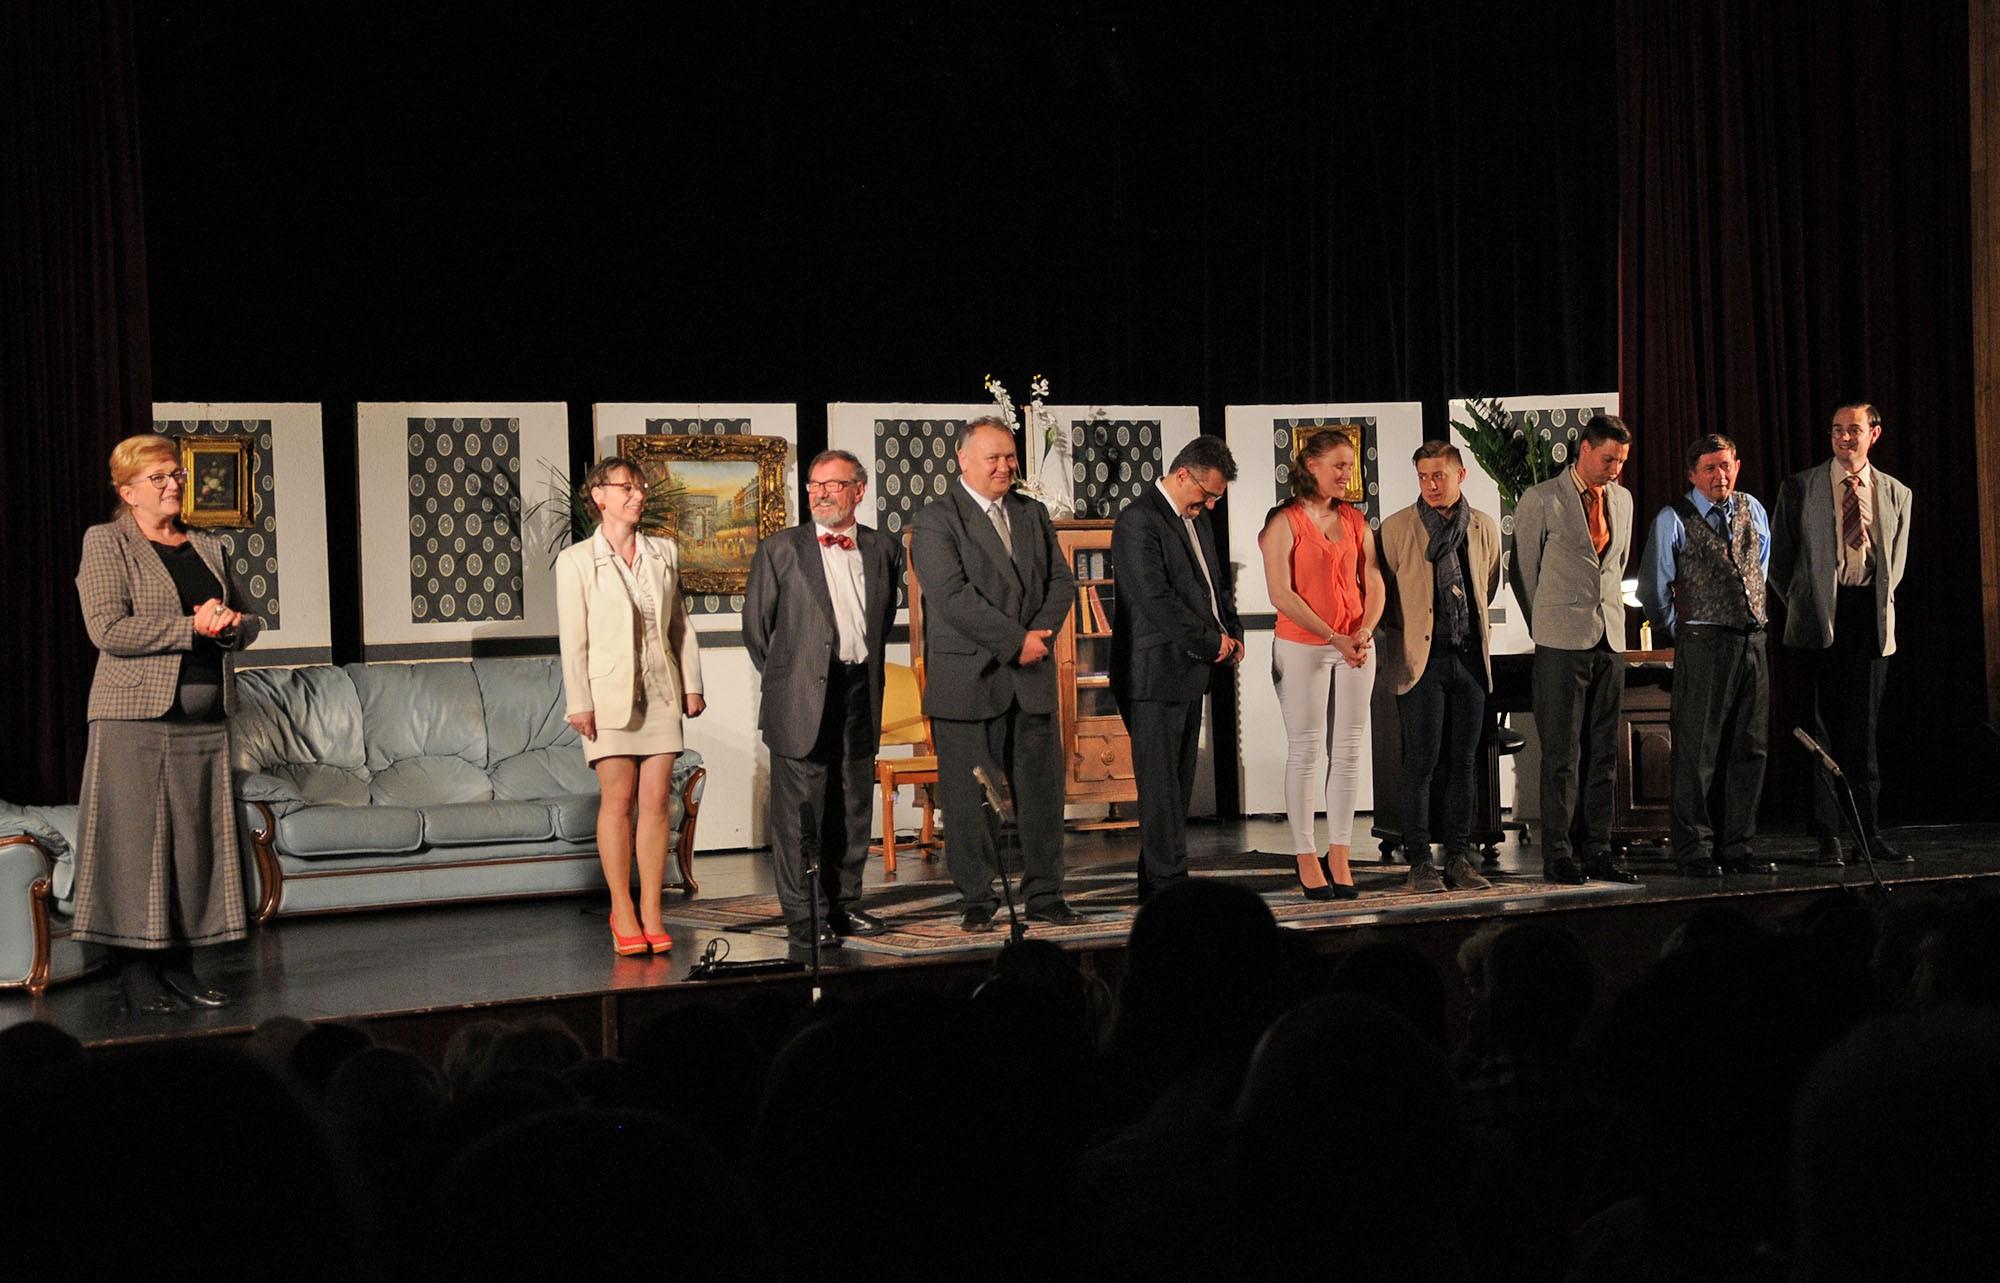 Szomorú politikai színdarabbal kezdődött a Kiskőrösi Rétesfesztivál